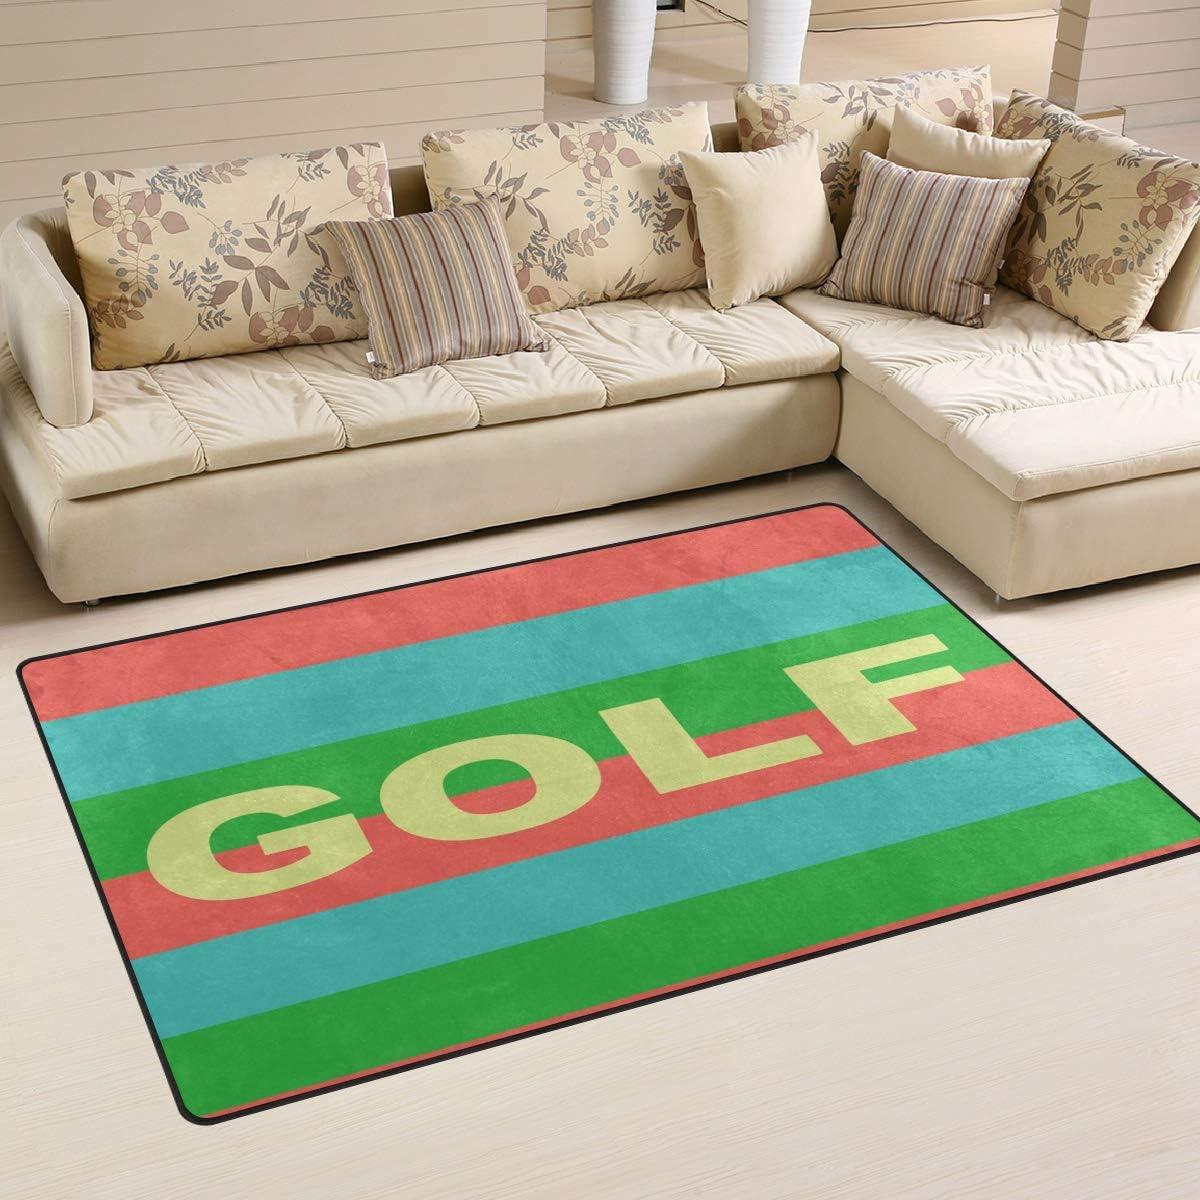 3D Modern Area Rug Carpet Floor Pad Non-slip Doormat